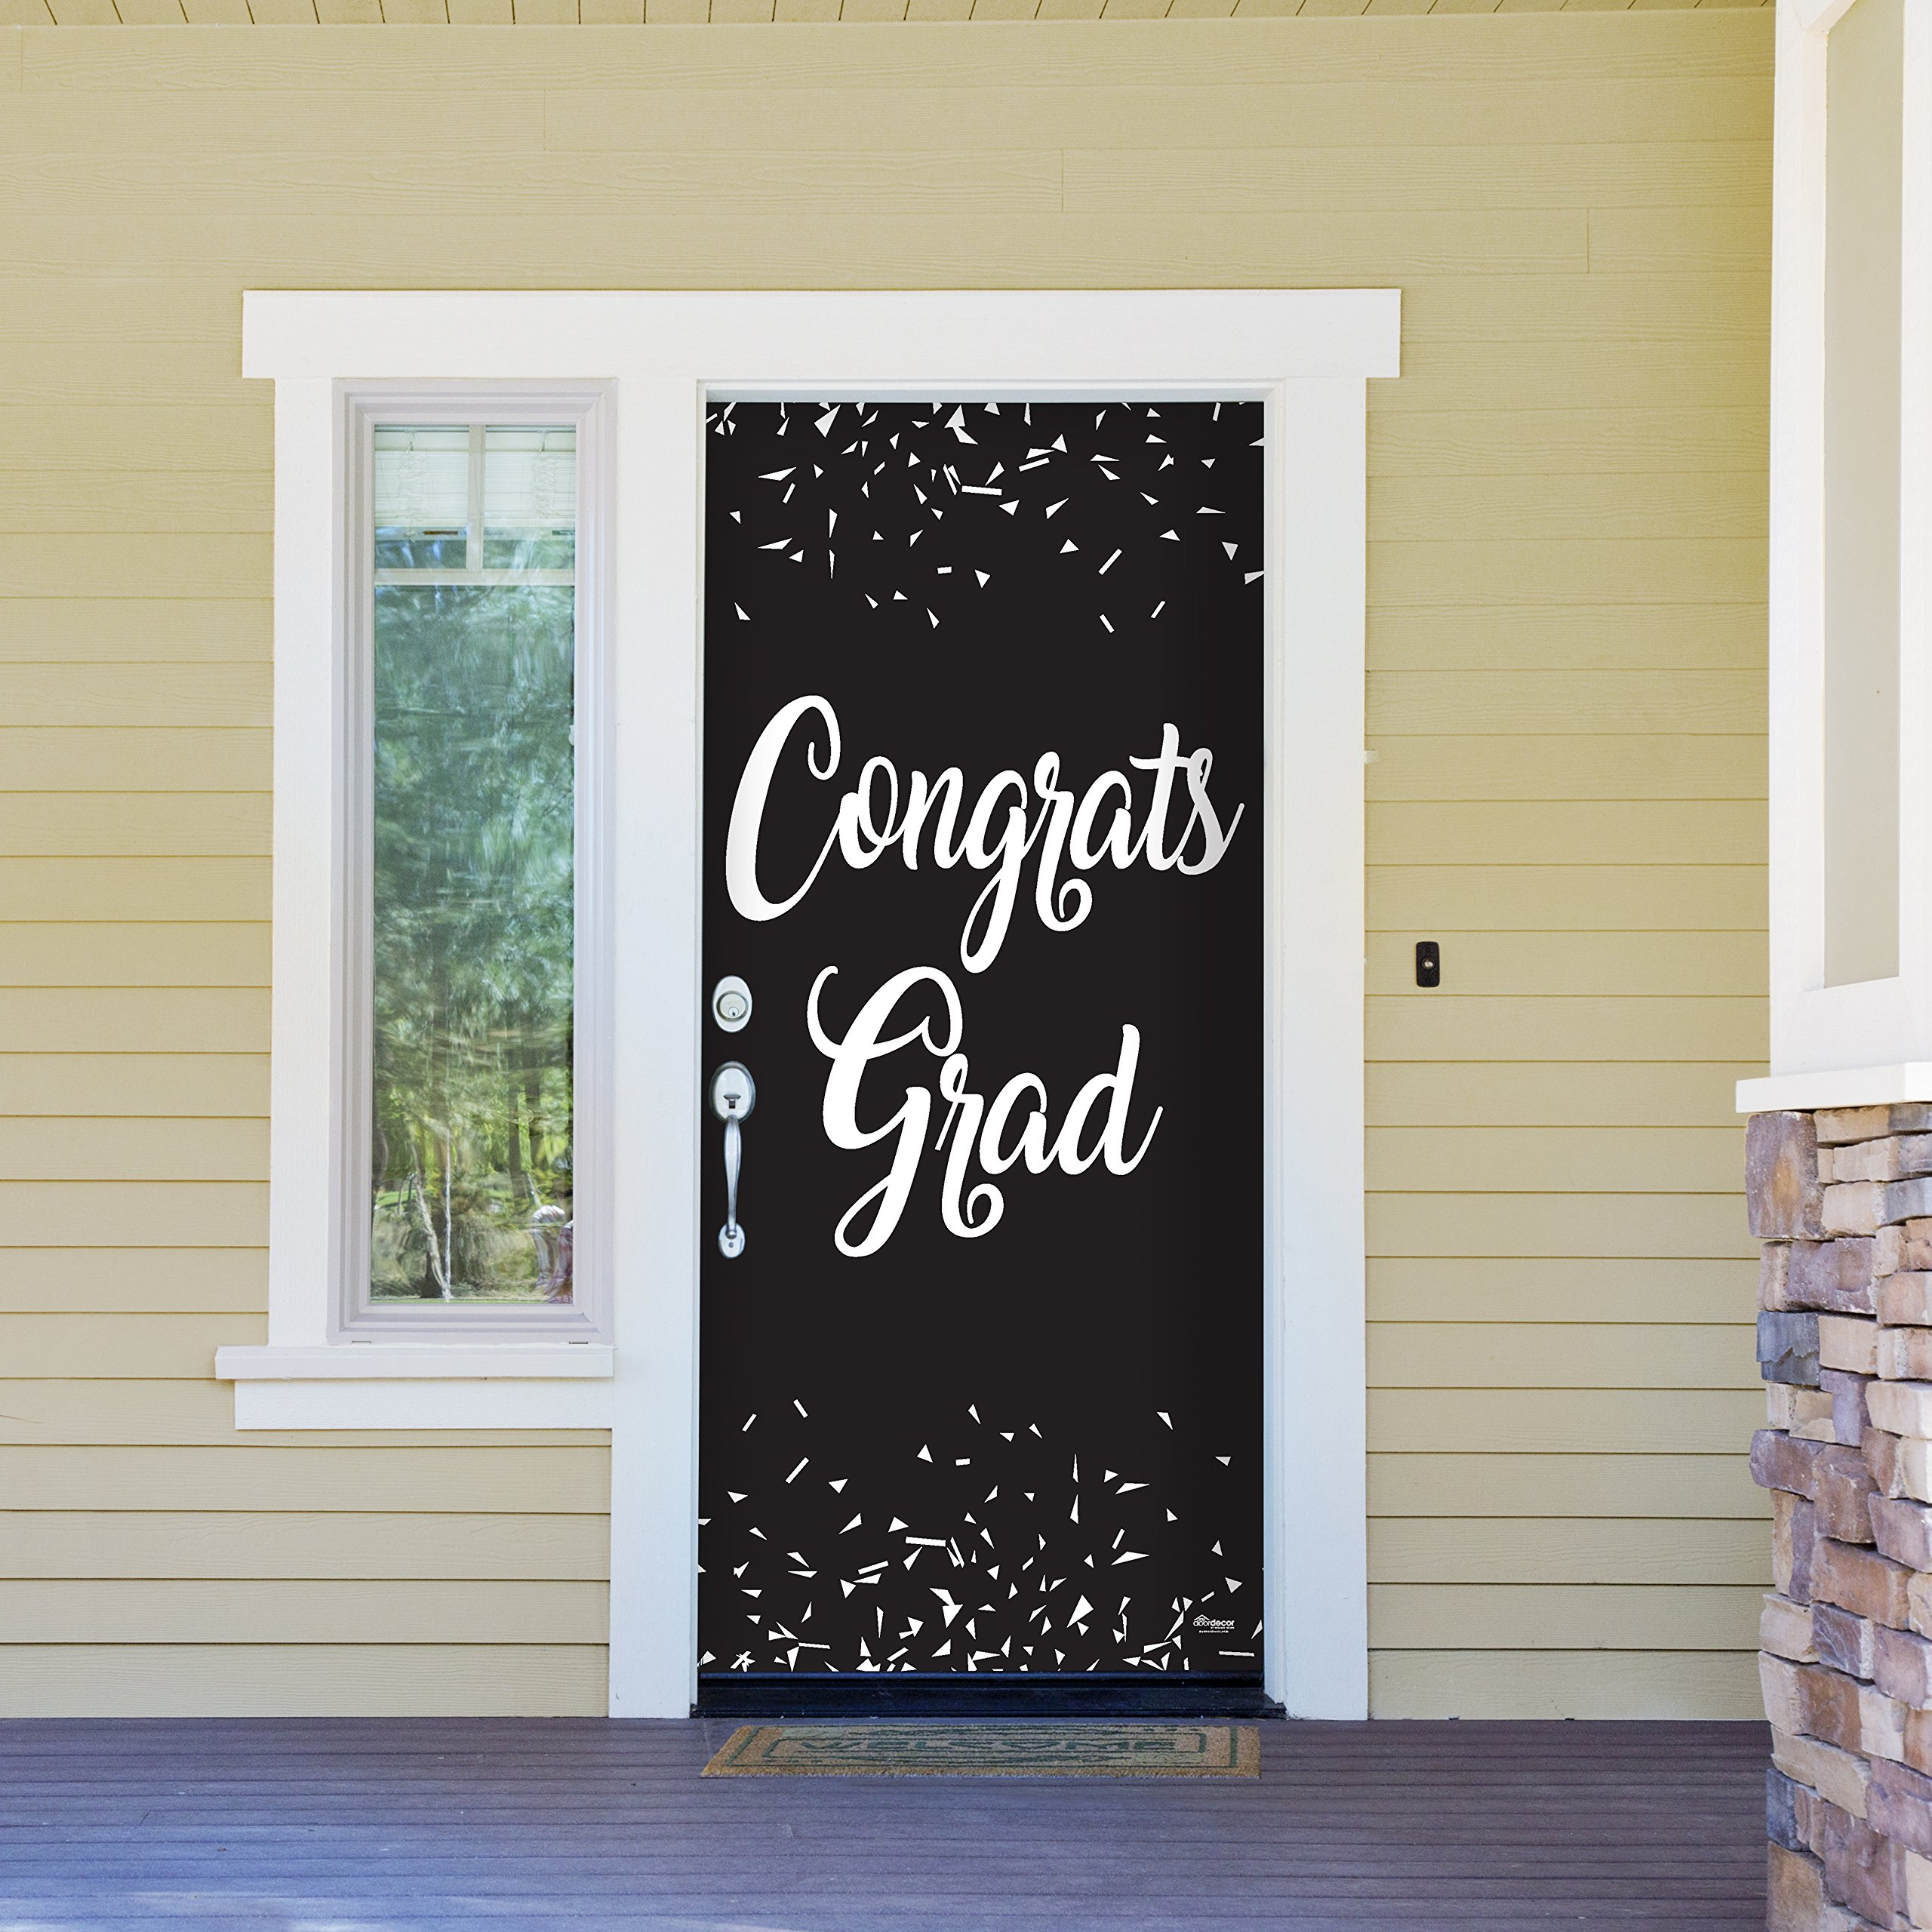 Victory Corps Congrats Grad Black - Outdoor GRADUATION Garage Door Banner Mural Sign Décor 36'' x 80'' One Size Fits All Front Door Car Garage -The Original Holiday Front Door Banner Decor